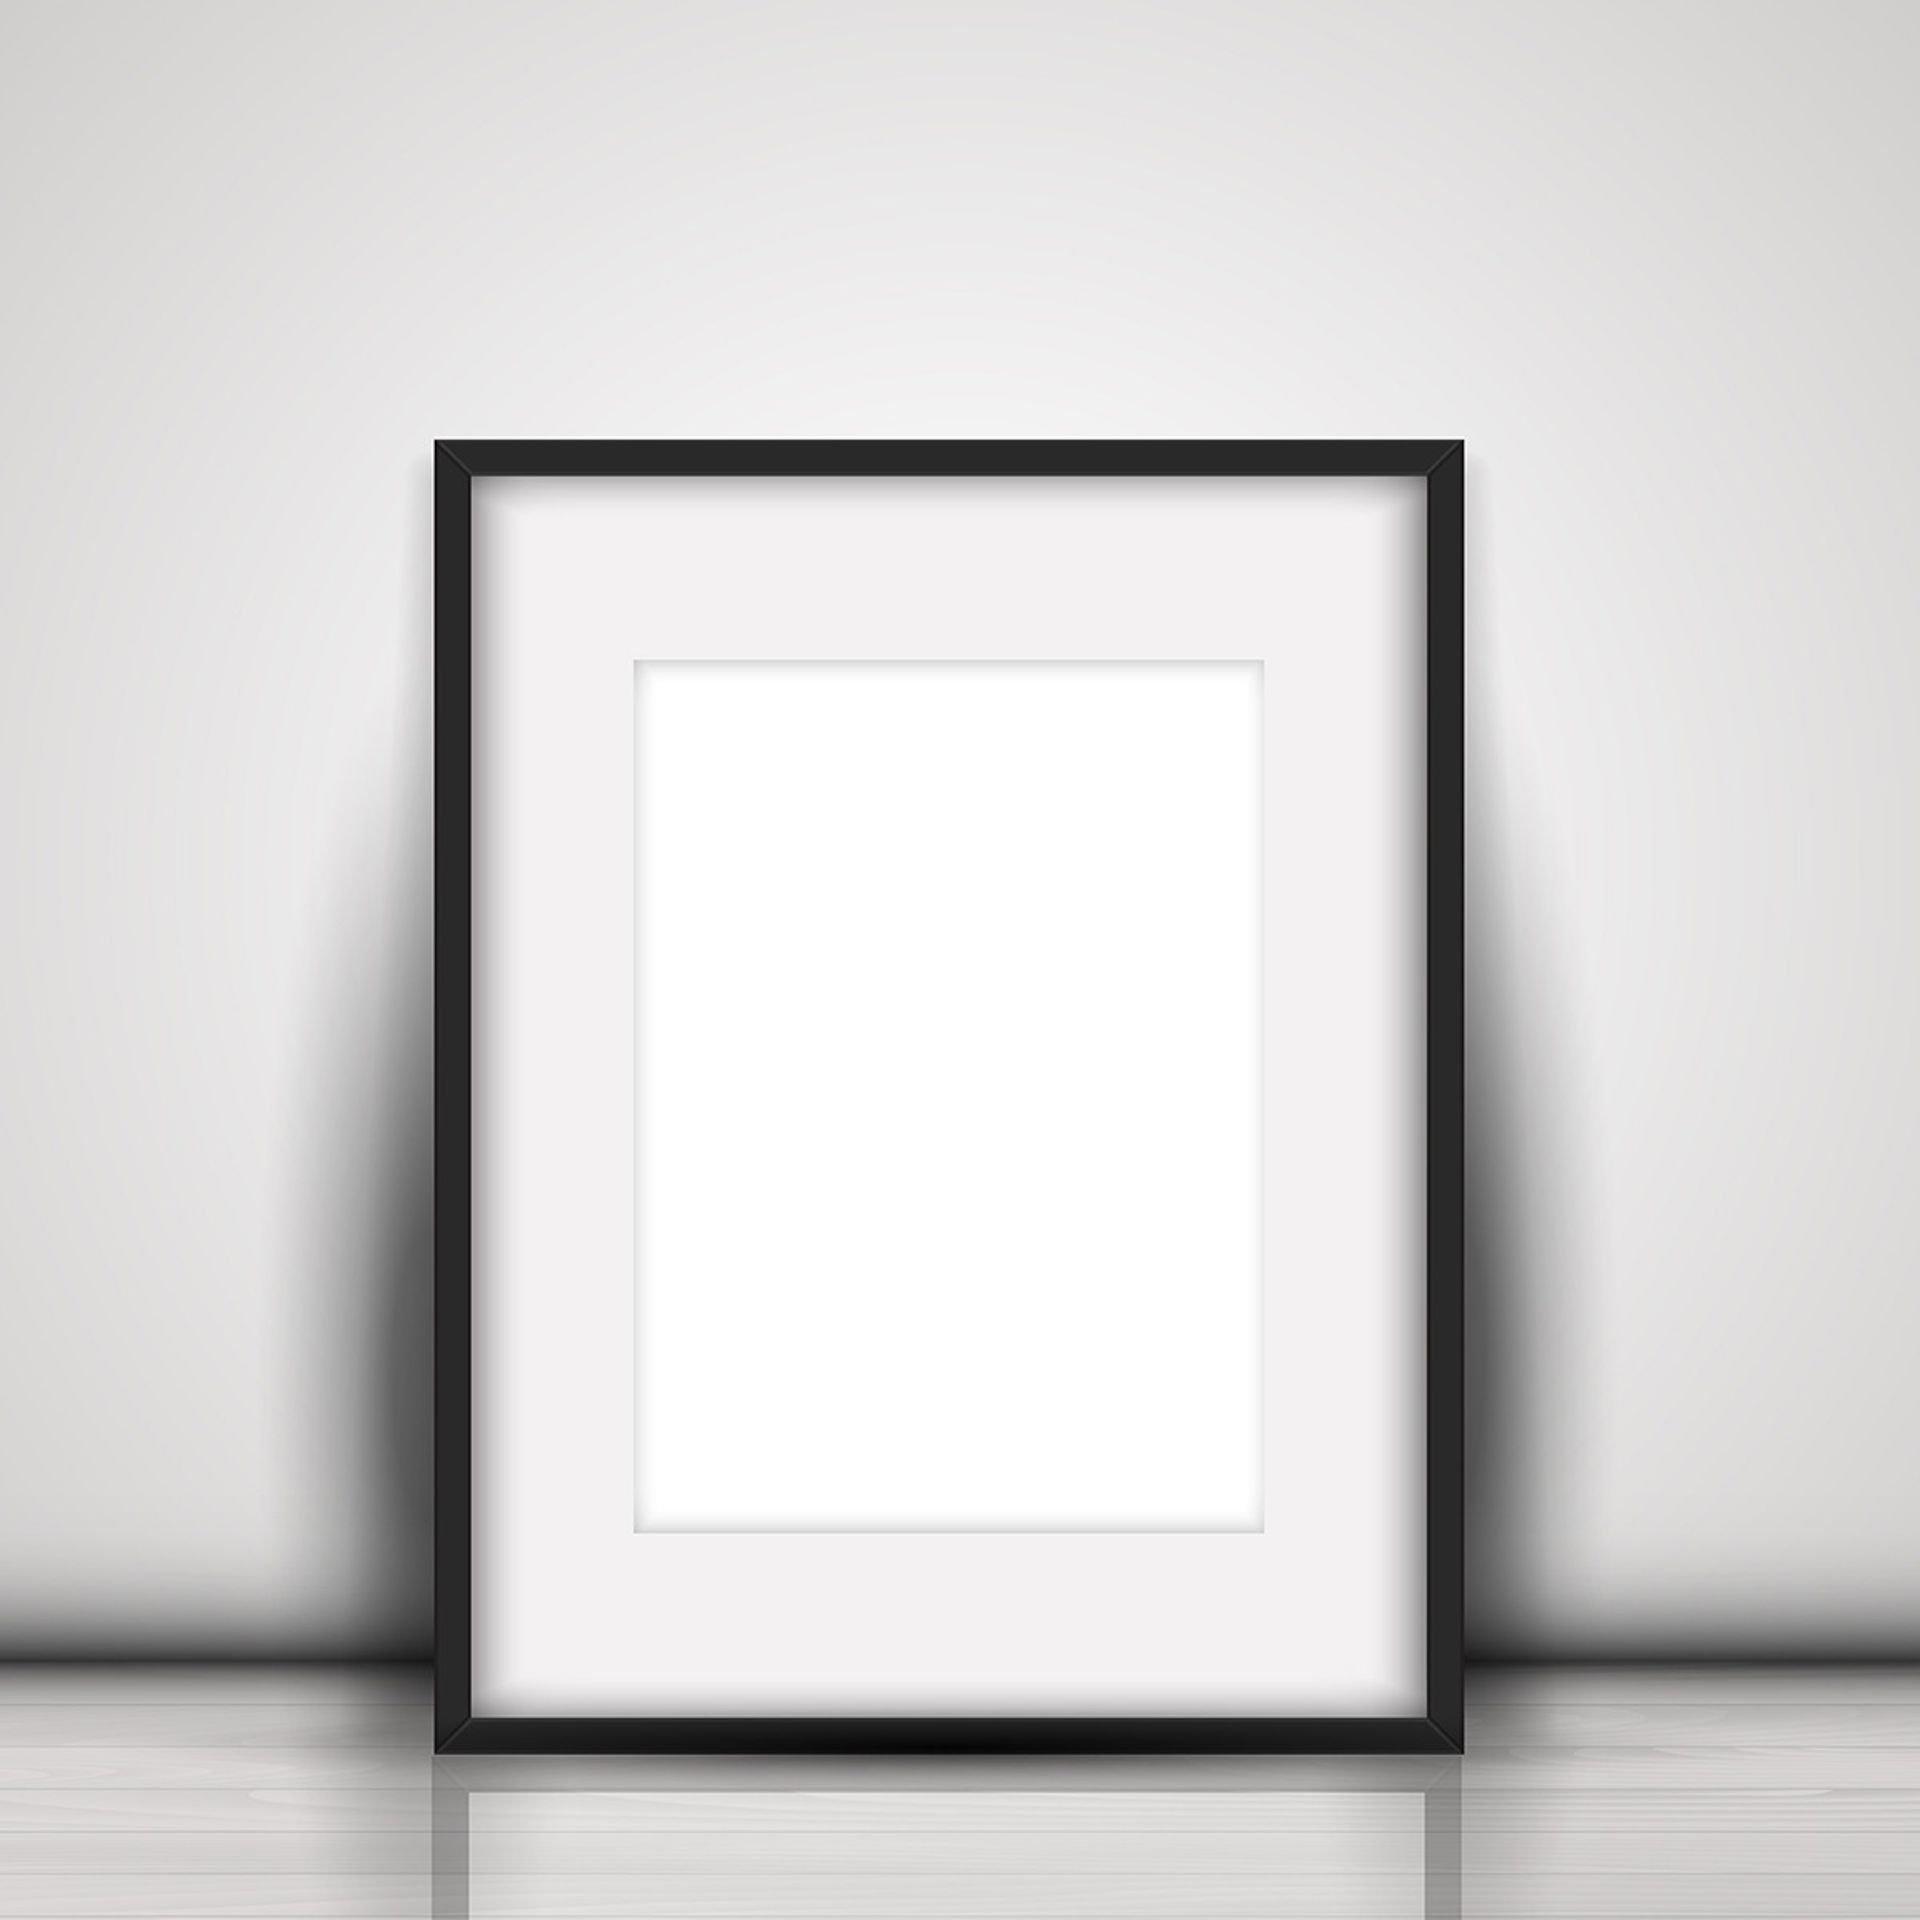 =מסגרת תמונה איכותית דגם FR91212, כולל הדפסת תמונה.